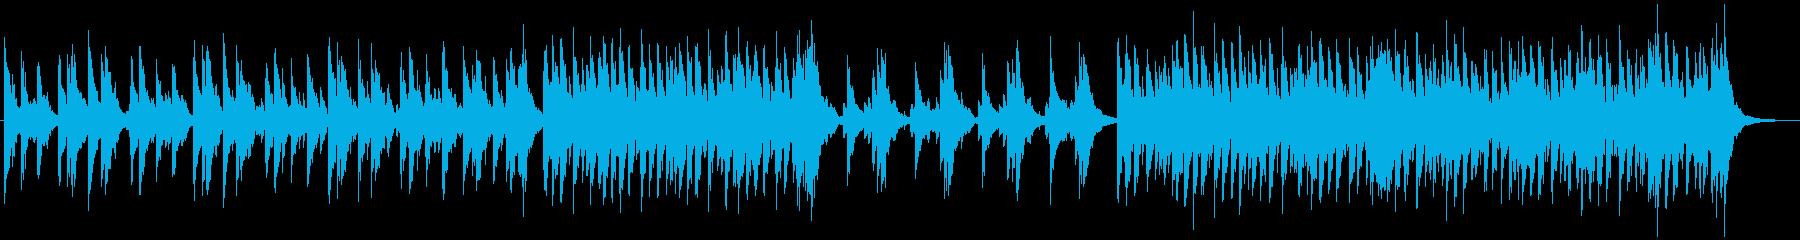 和太鼓アンサンブル(声なし)、力強いbの再生済みの波形